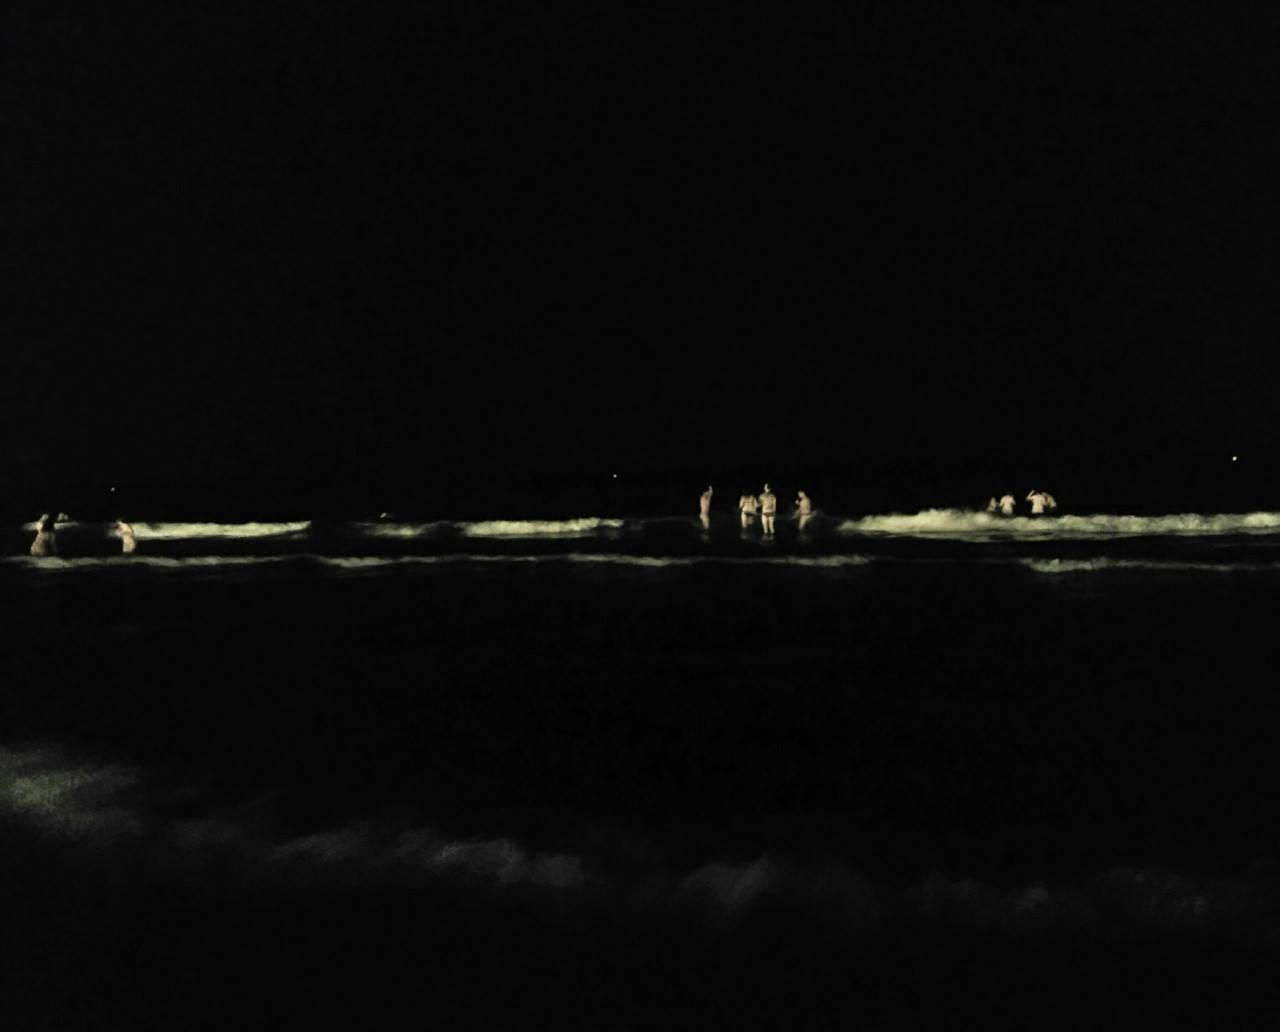 La Mar. La Noche. Chasquido de olas y nuestros corazones que desembarcan. ..... Poema: Aurelio Gonzalez Ovies Foto: Elisa Torreira